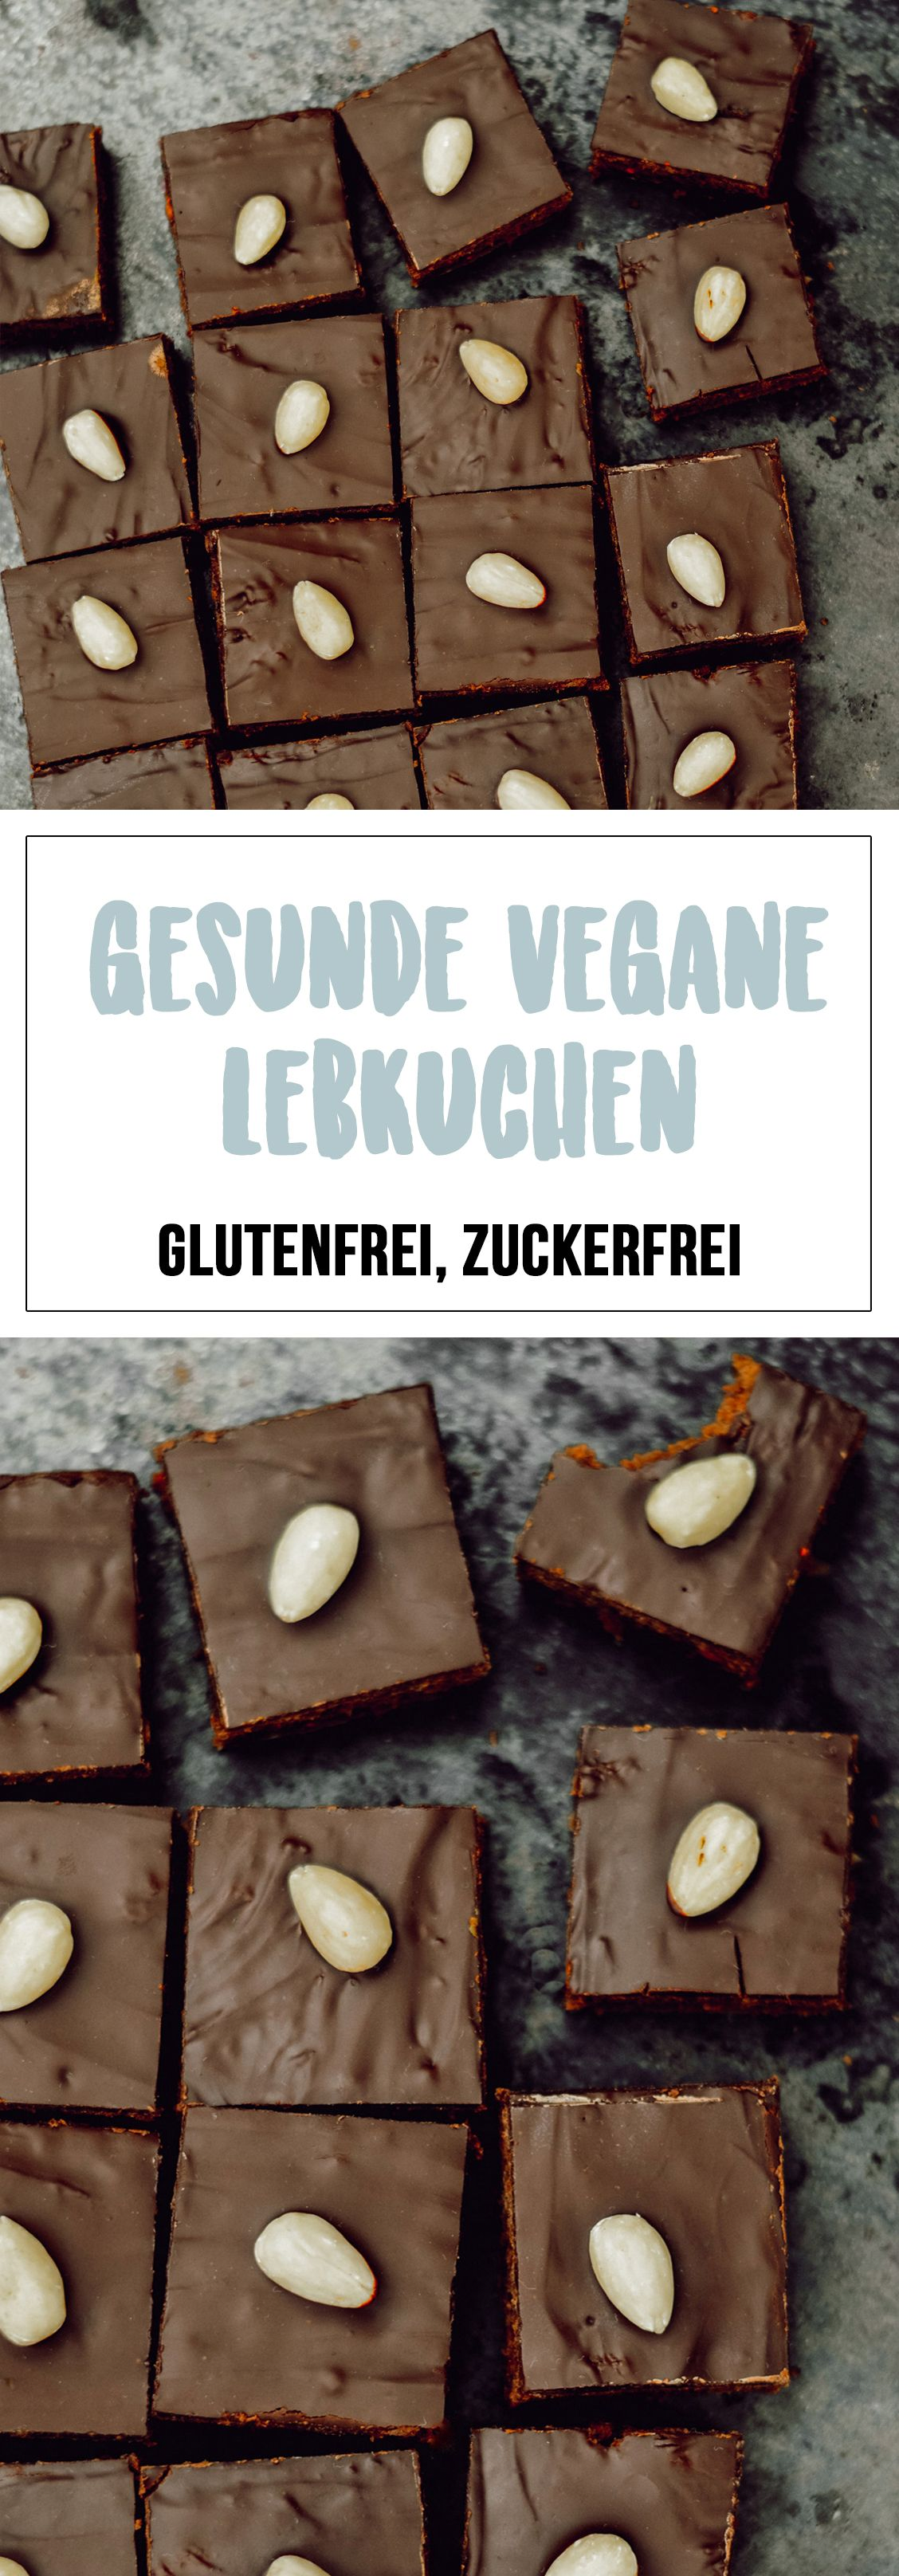 Gesunde Lebkuchenschnitten (vegan, glutenfrei, zuckerfrei)